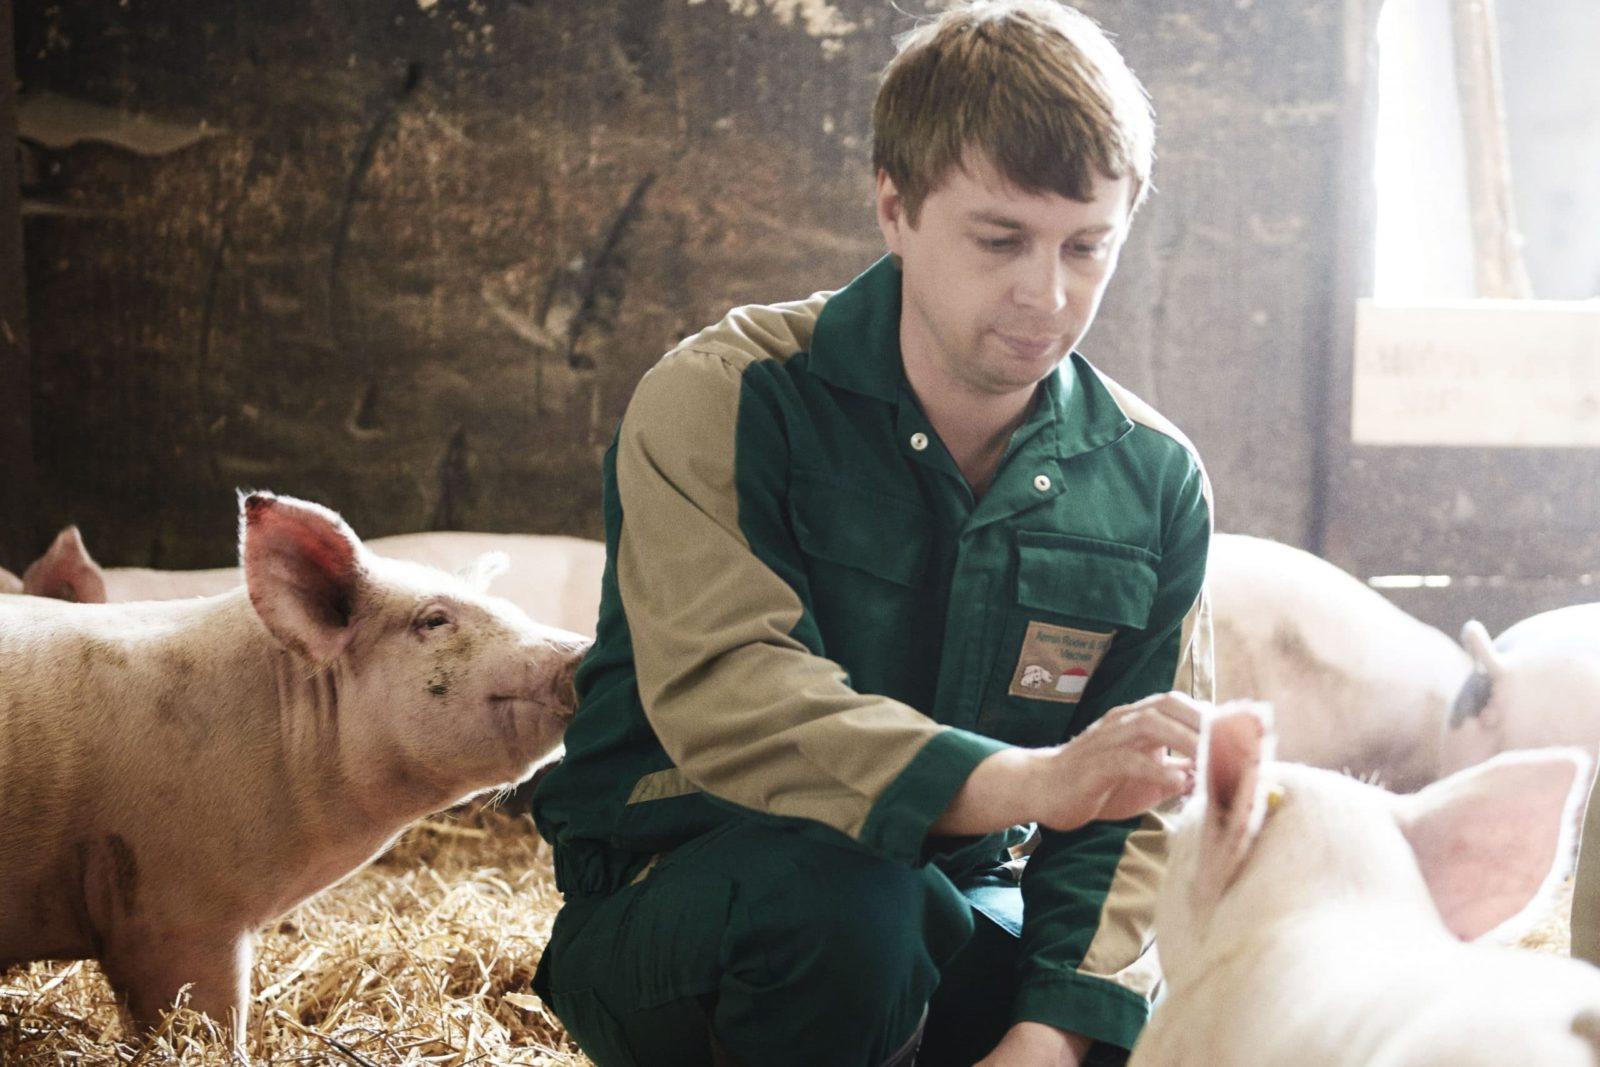 Lübchiner Strohschwein - Transgourmet UrsprungLübchiner Strohschwein - Transgourmet Ursprung